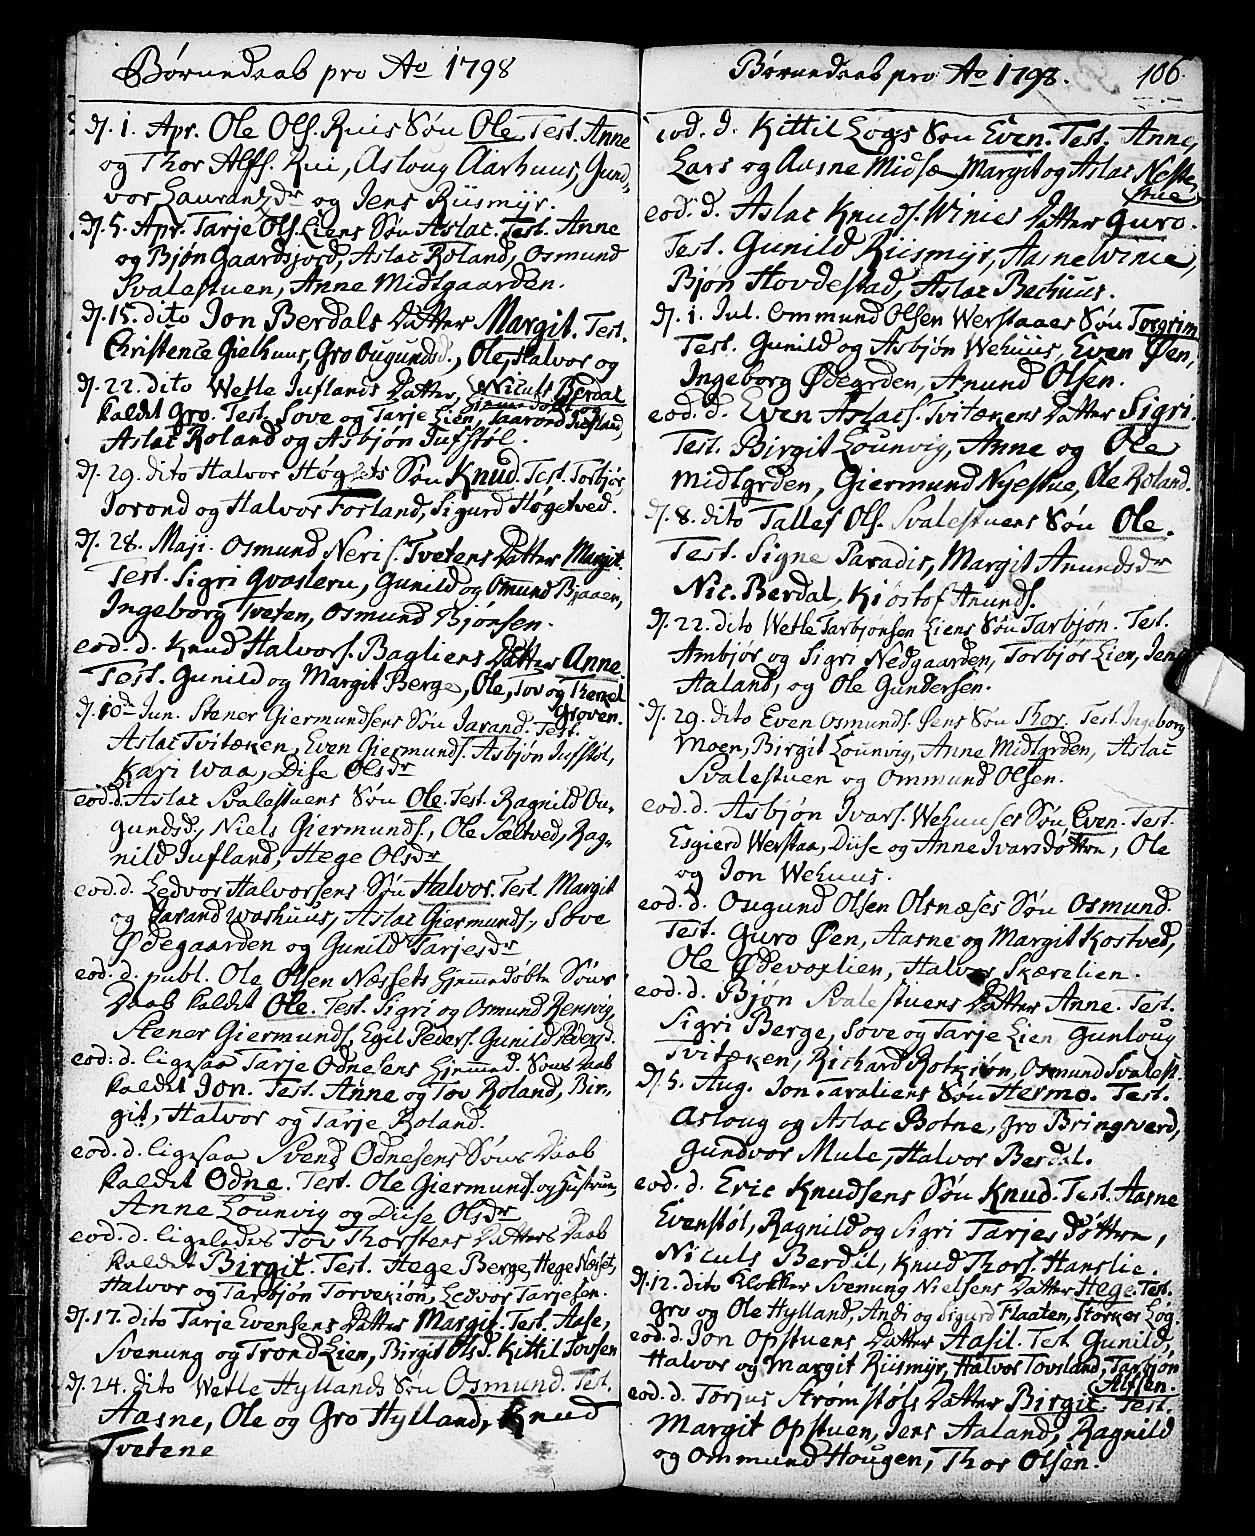 SAKO, Vinje kirkebøker, F/Fa/L0002: Ministerialbok nr. I 2, 1767-1814, s. 106